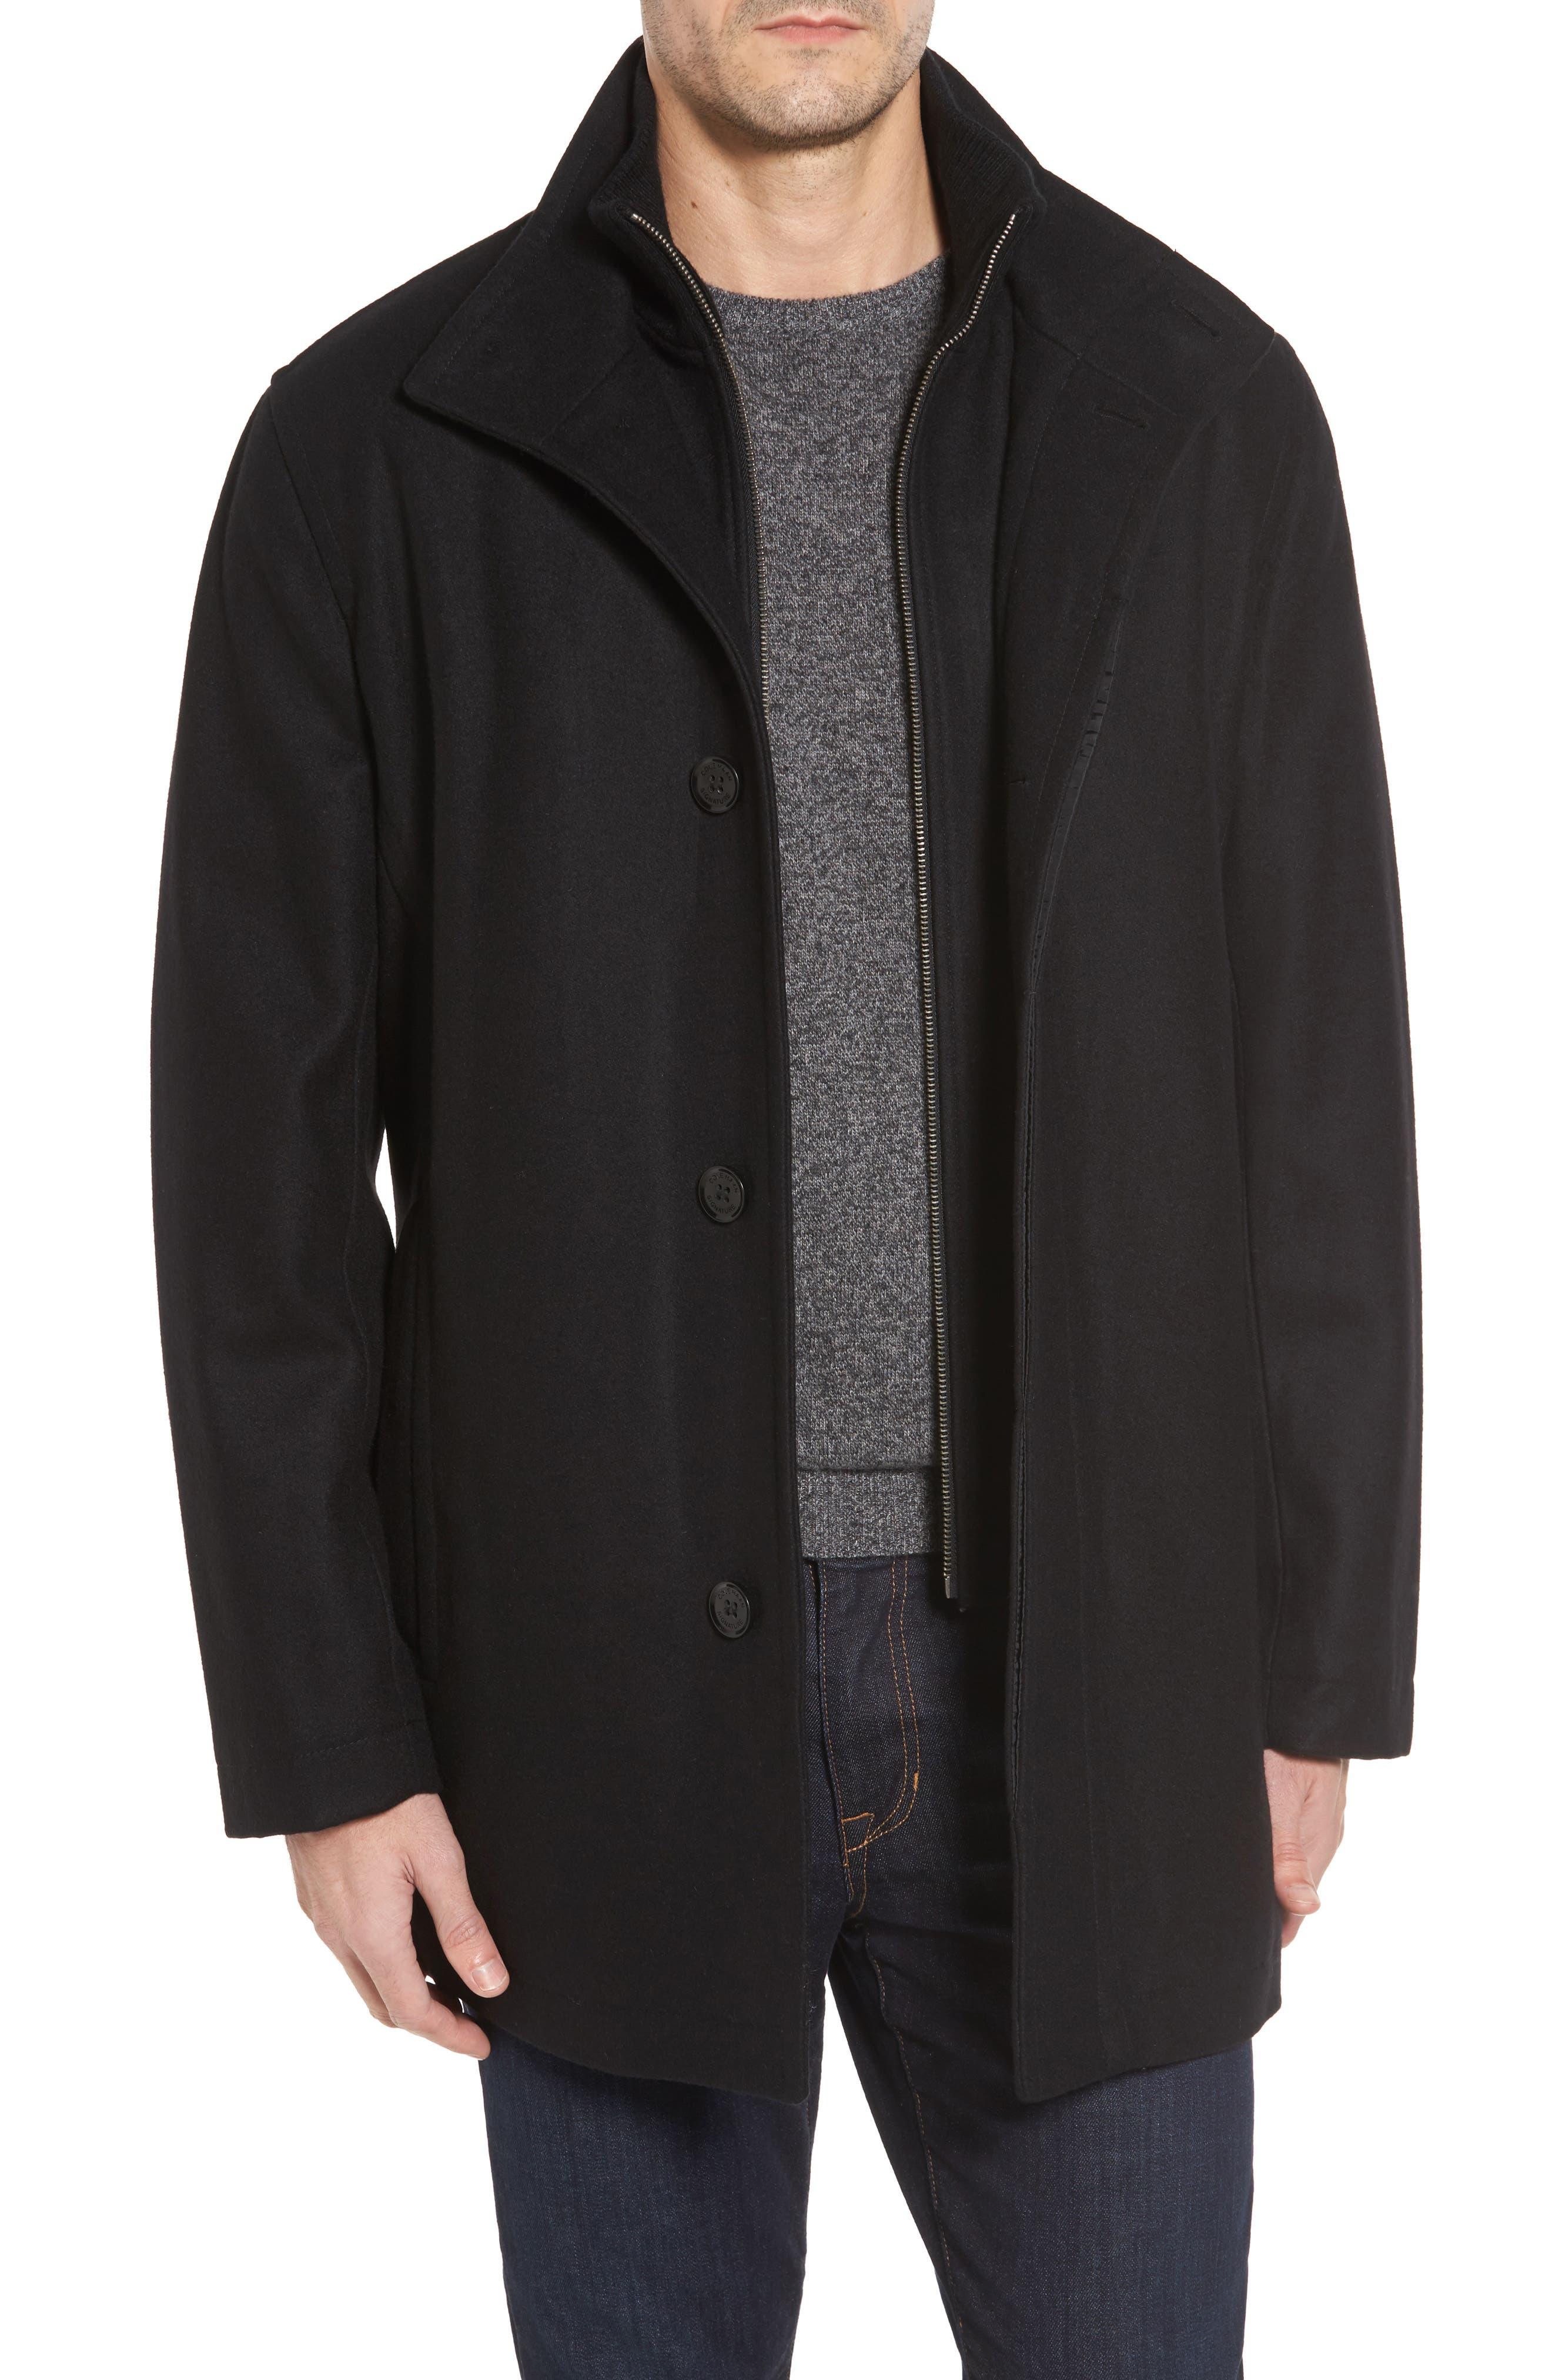 Melton Wool Blend Coat,                             Main thumbnail 1, color,                             Black